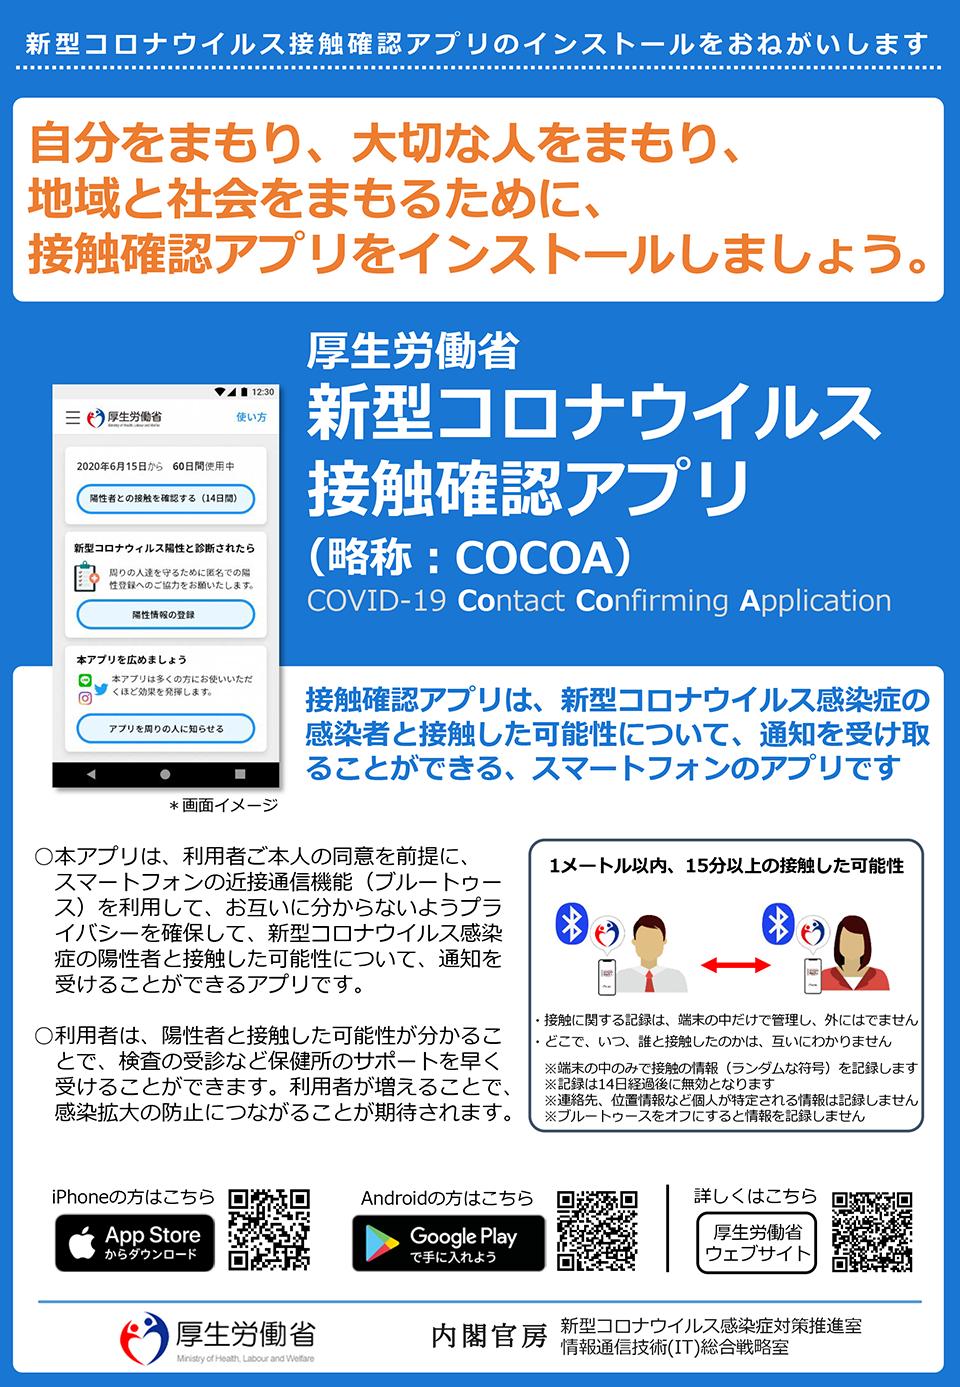 大阪 コロナ 府 ウイルス